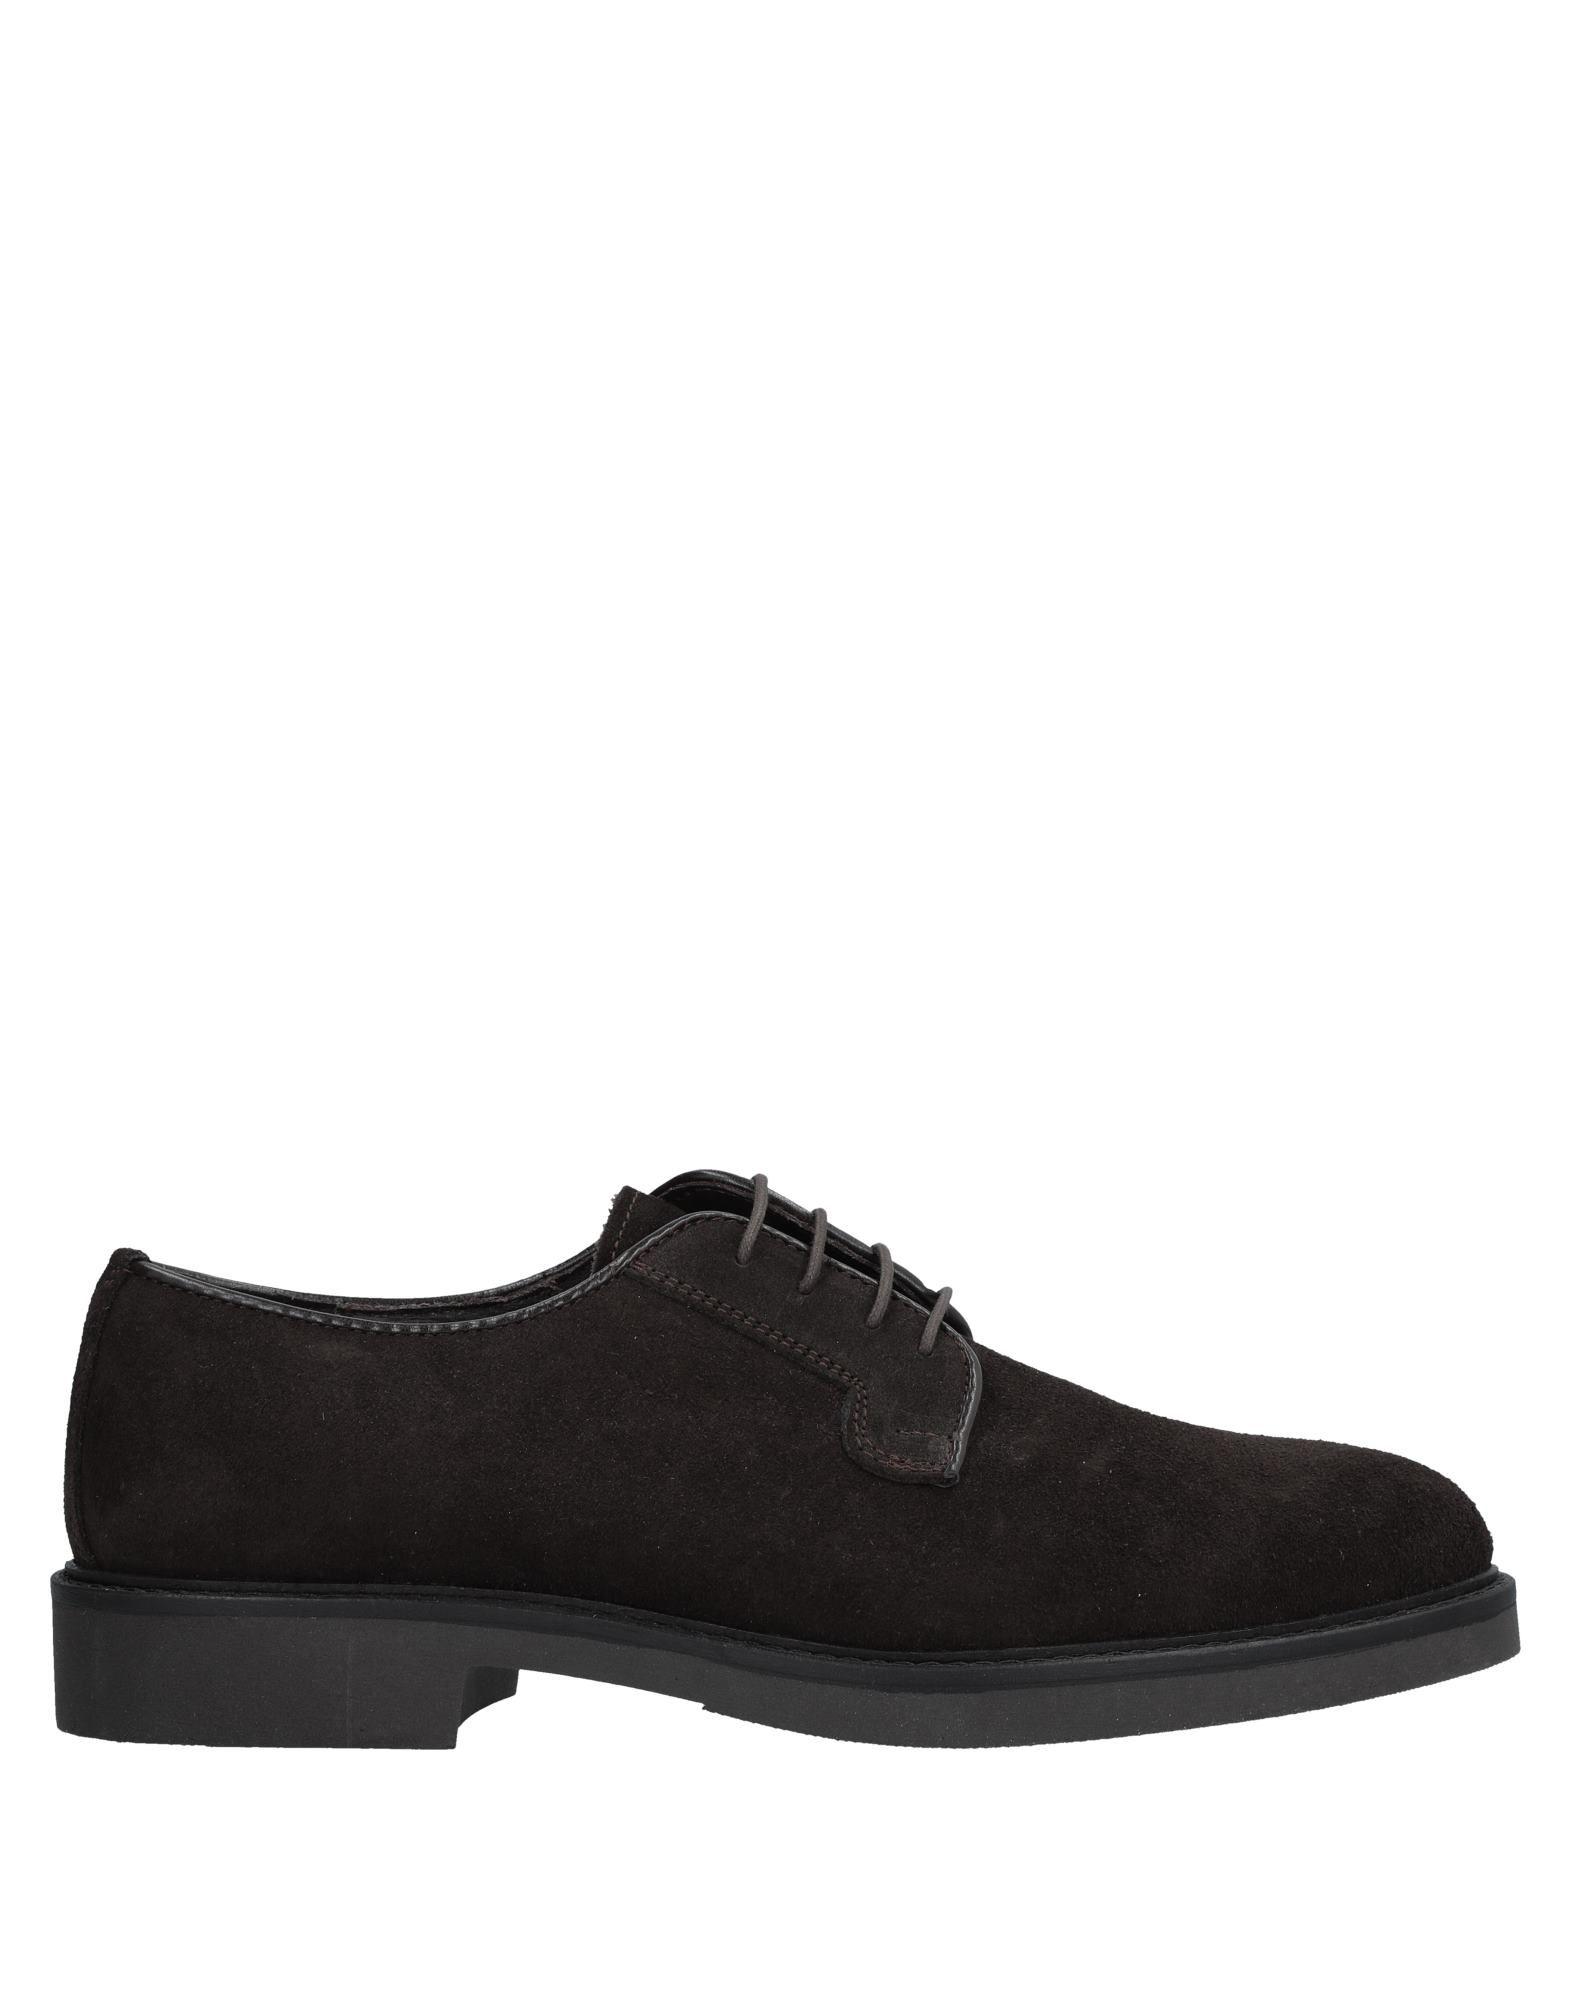 Rabatt echte Schuhe Barbati Schnürschuhe Herren  11538064ND